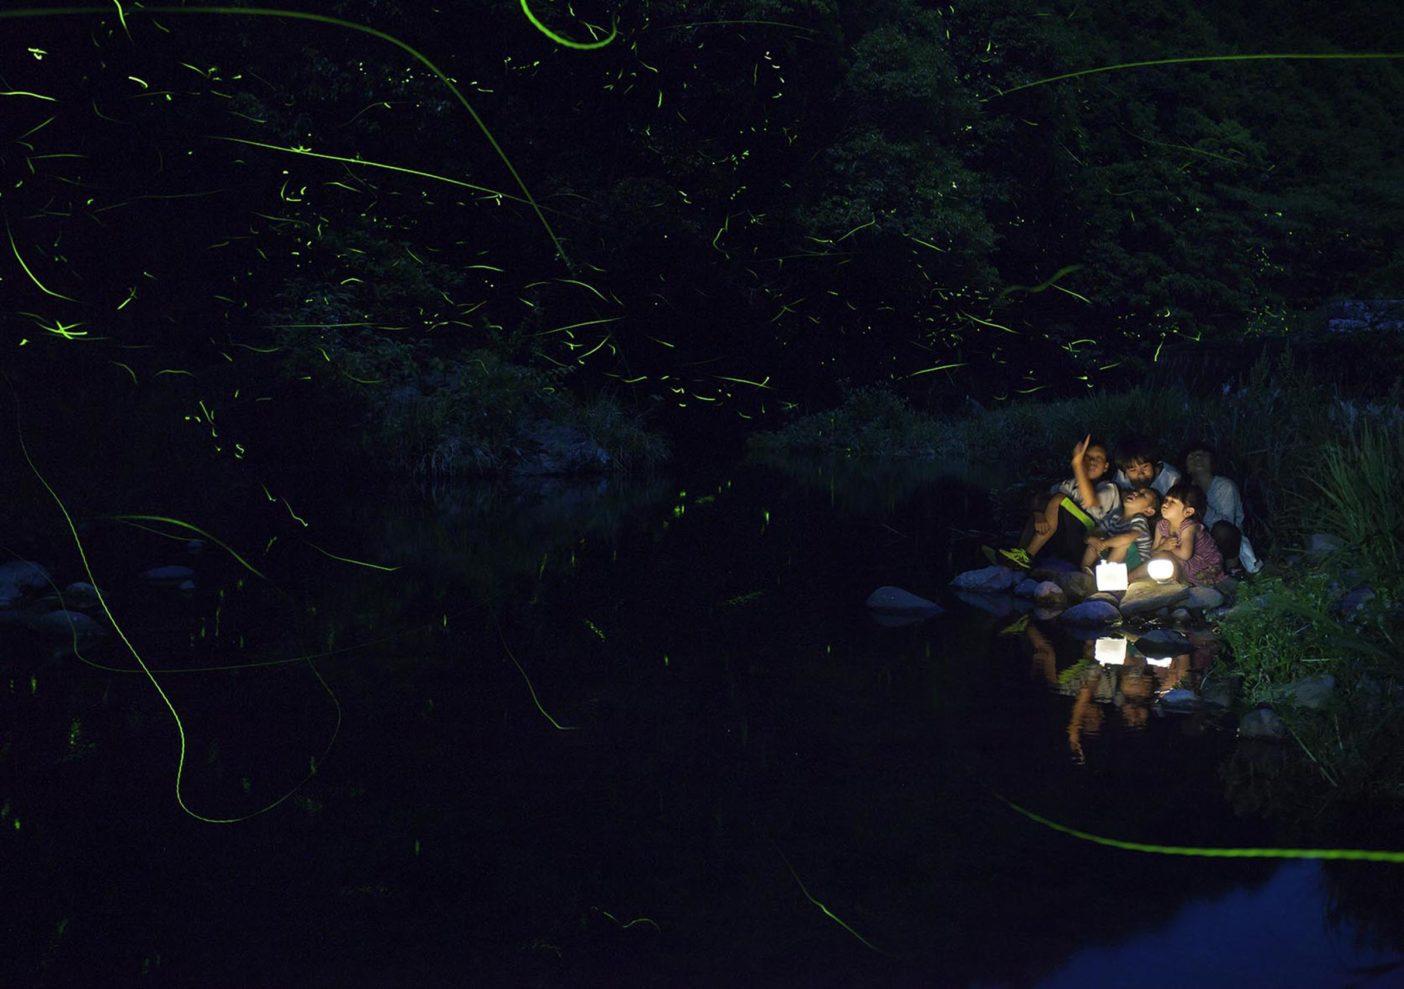 石木川の河原でホタルを鑑賞する子どもたち 写真:村山嘉昭